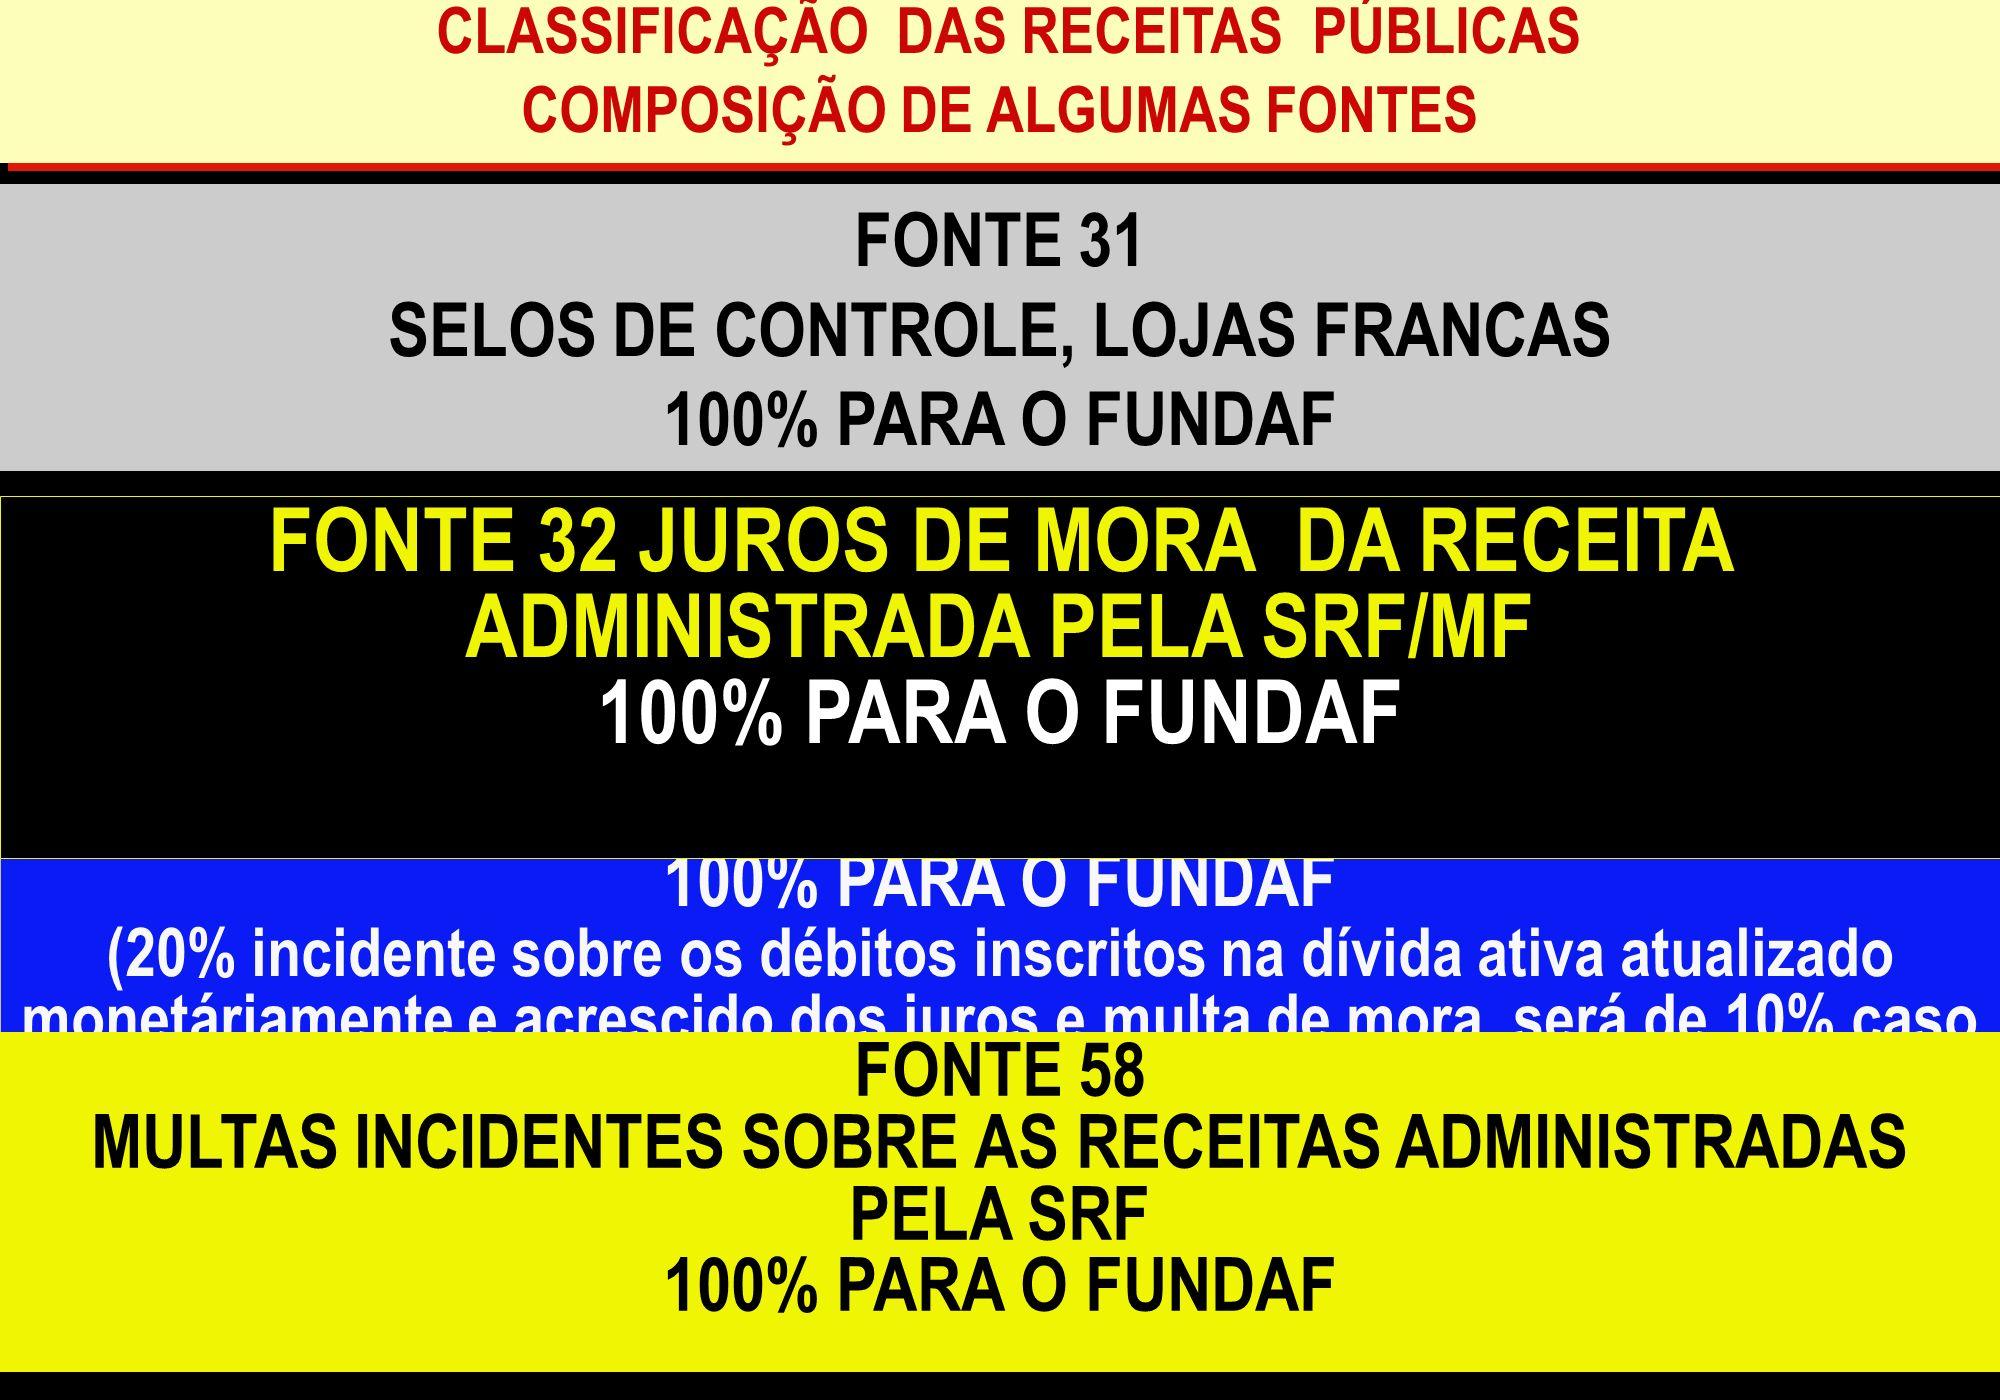 FONTE 32 JUROS DE MORA DA RECEITA ADMINISTRADA PELA SRF/MF